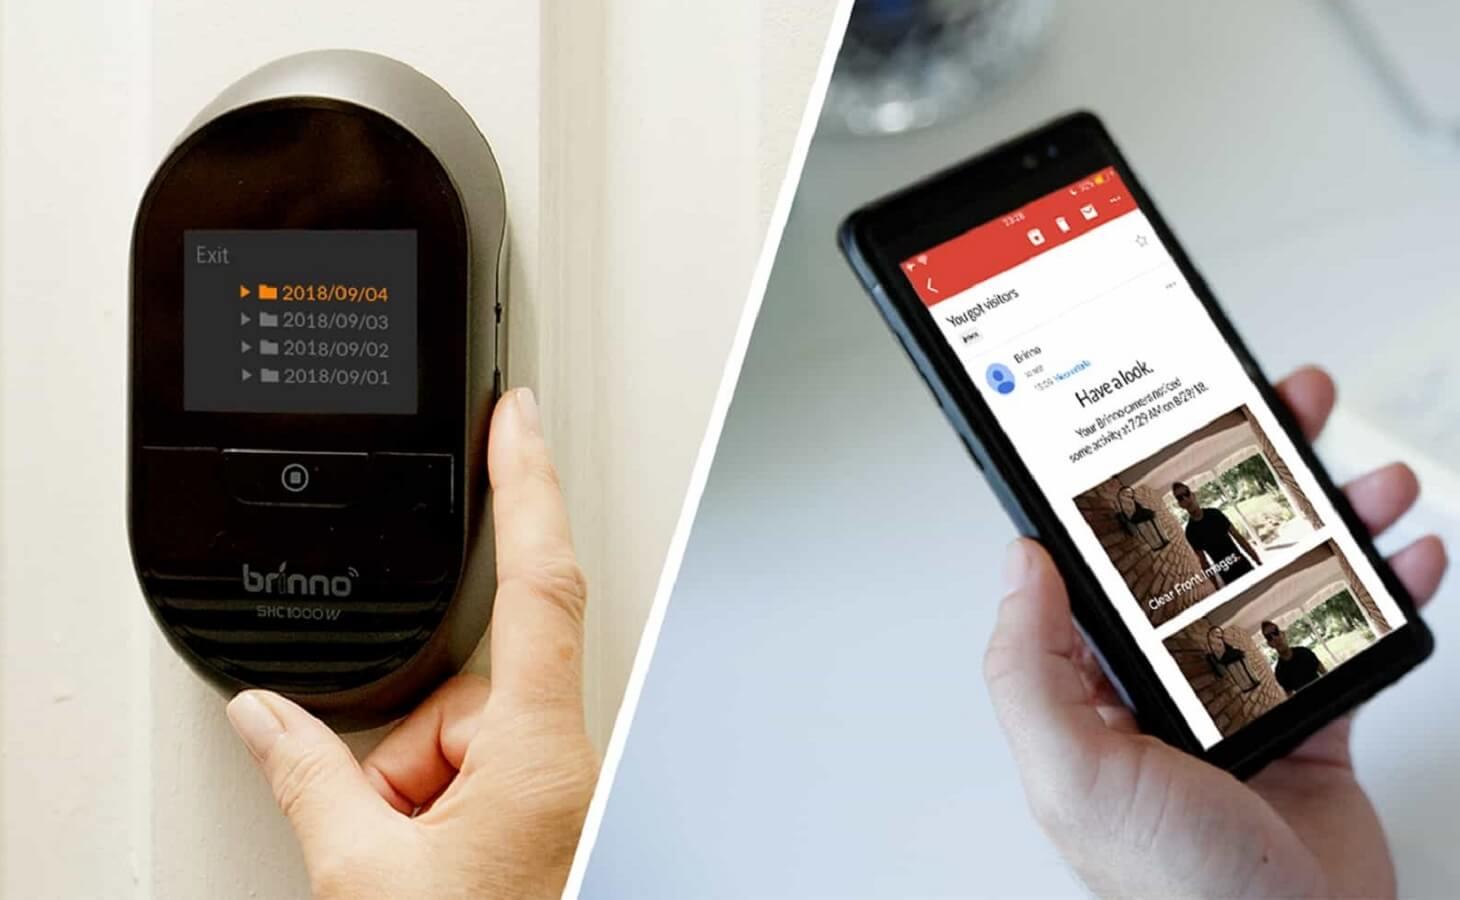 brinno duo smart peephole camera